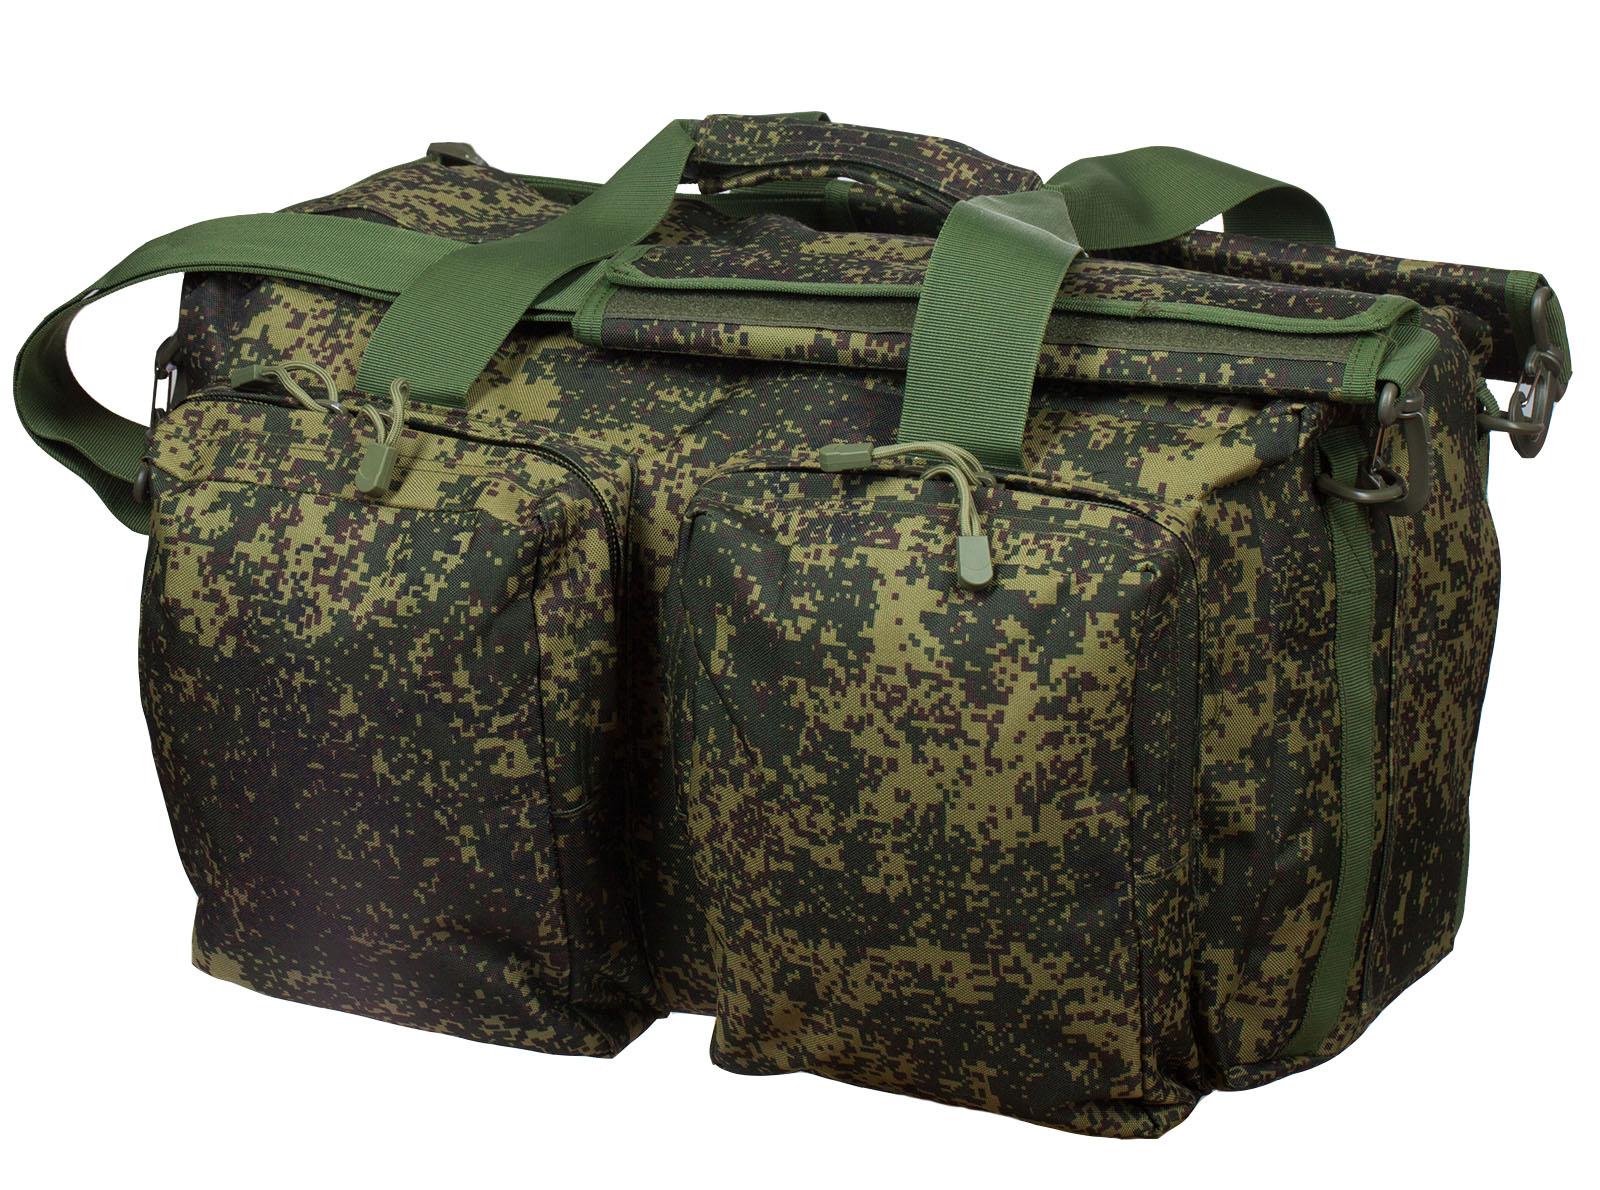 Армейская сумка пиксельная купить в интернет-магазине www.kamukamu.ru